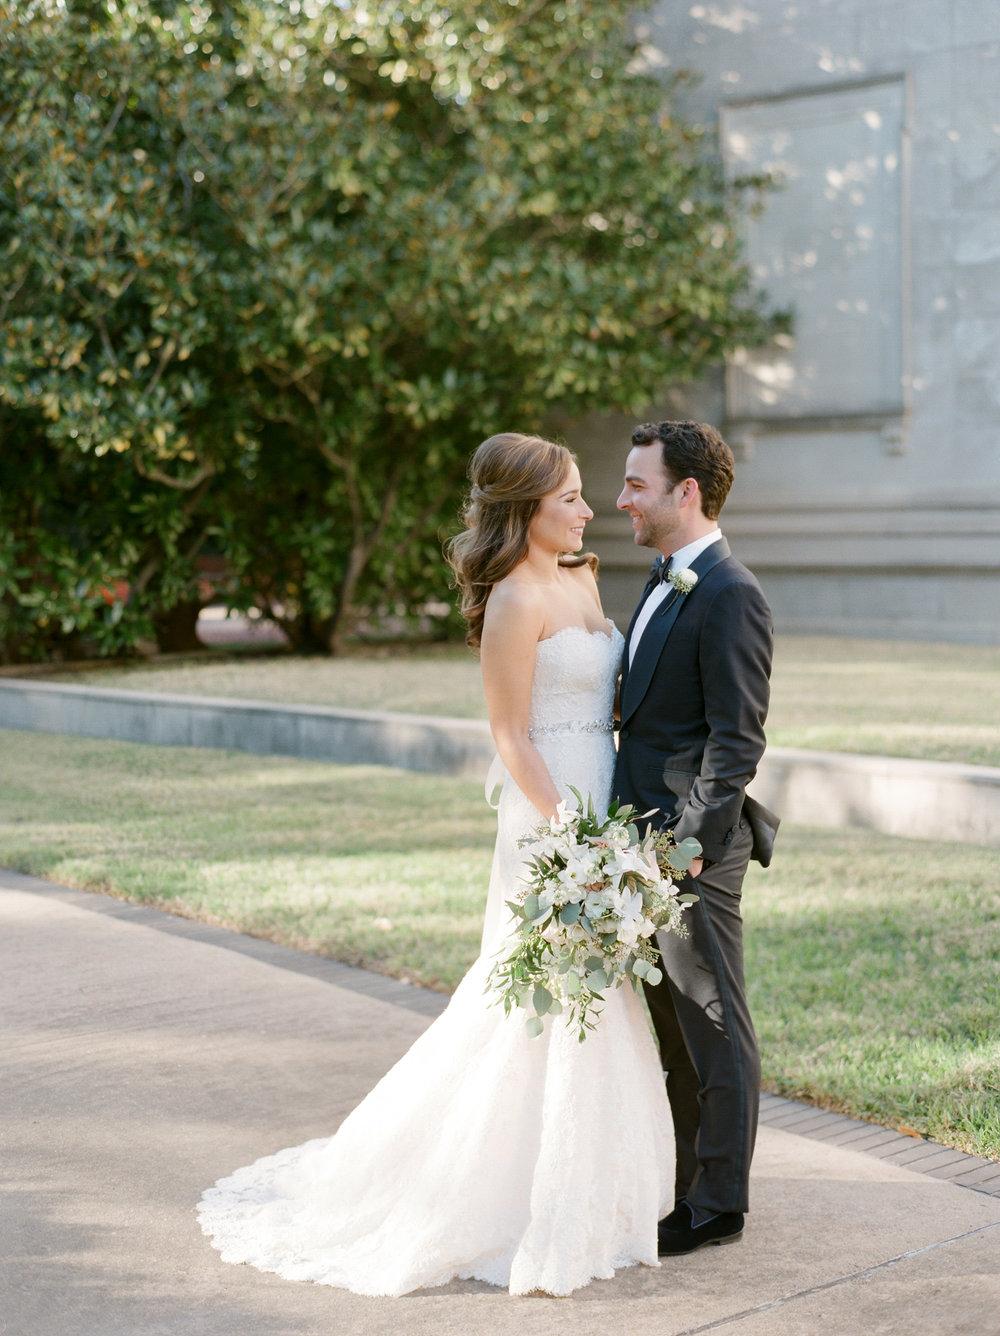 0020__Hotel_Zaza_Houston_Wedding_Photography_Hoffer.jpg